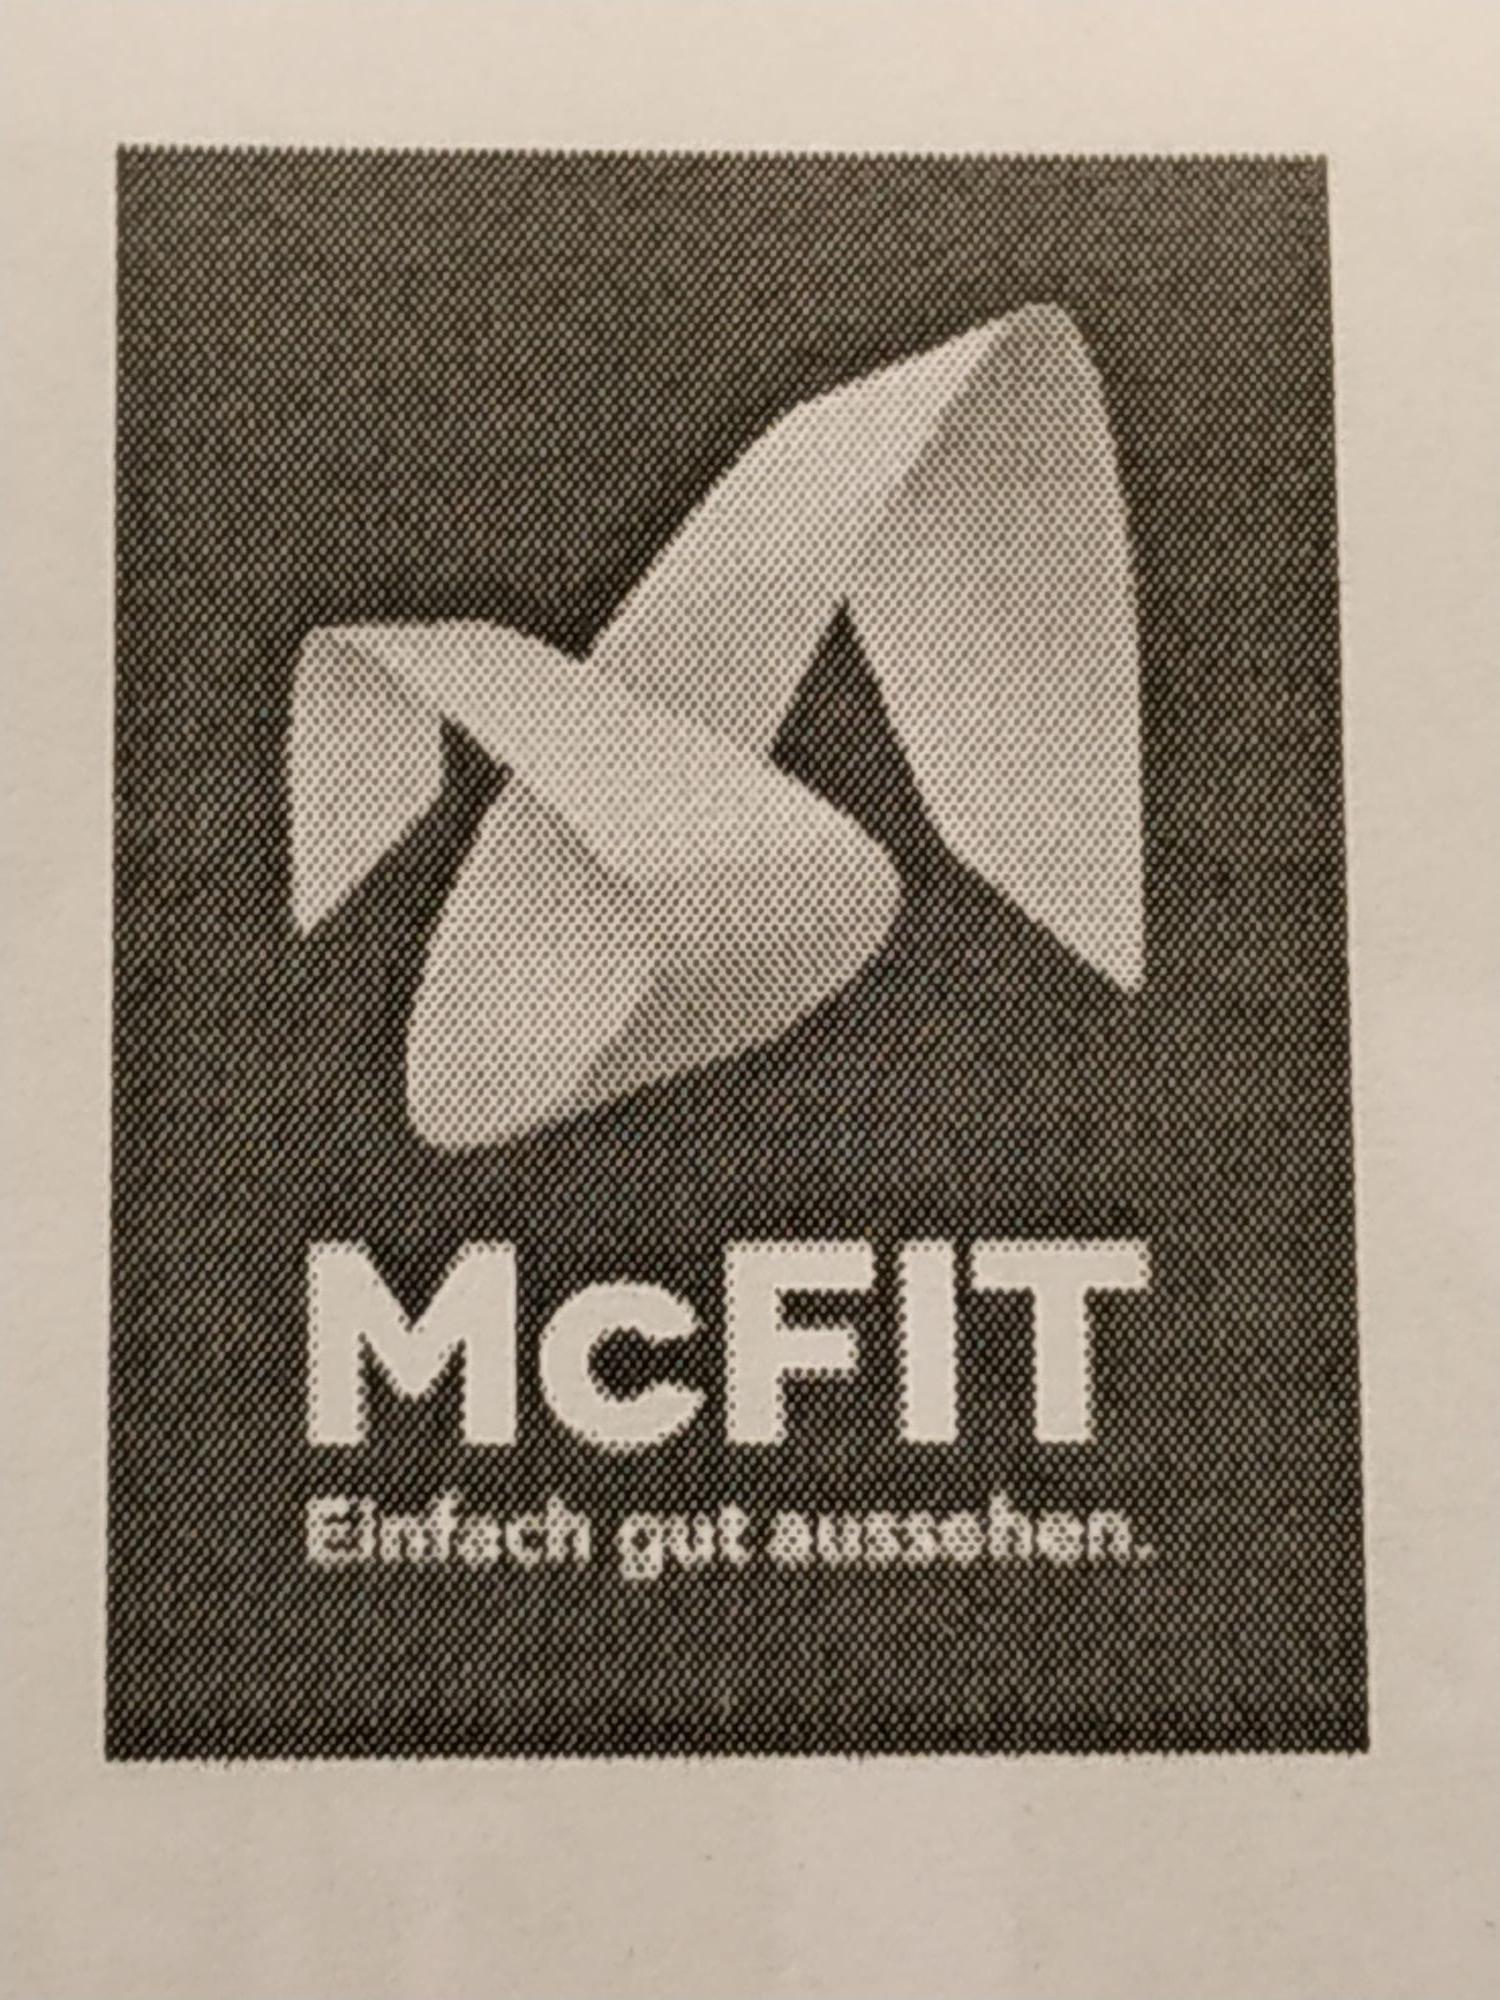 [McFit] Bis 2019 kostenlos trainieren - danach 19,90 + Servicepauschale (16 Monate für 297,80)